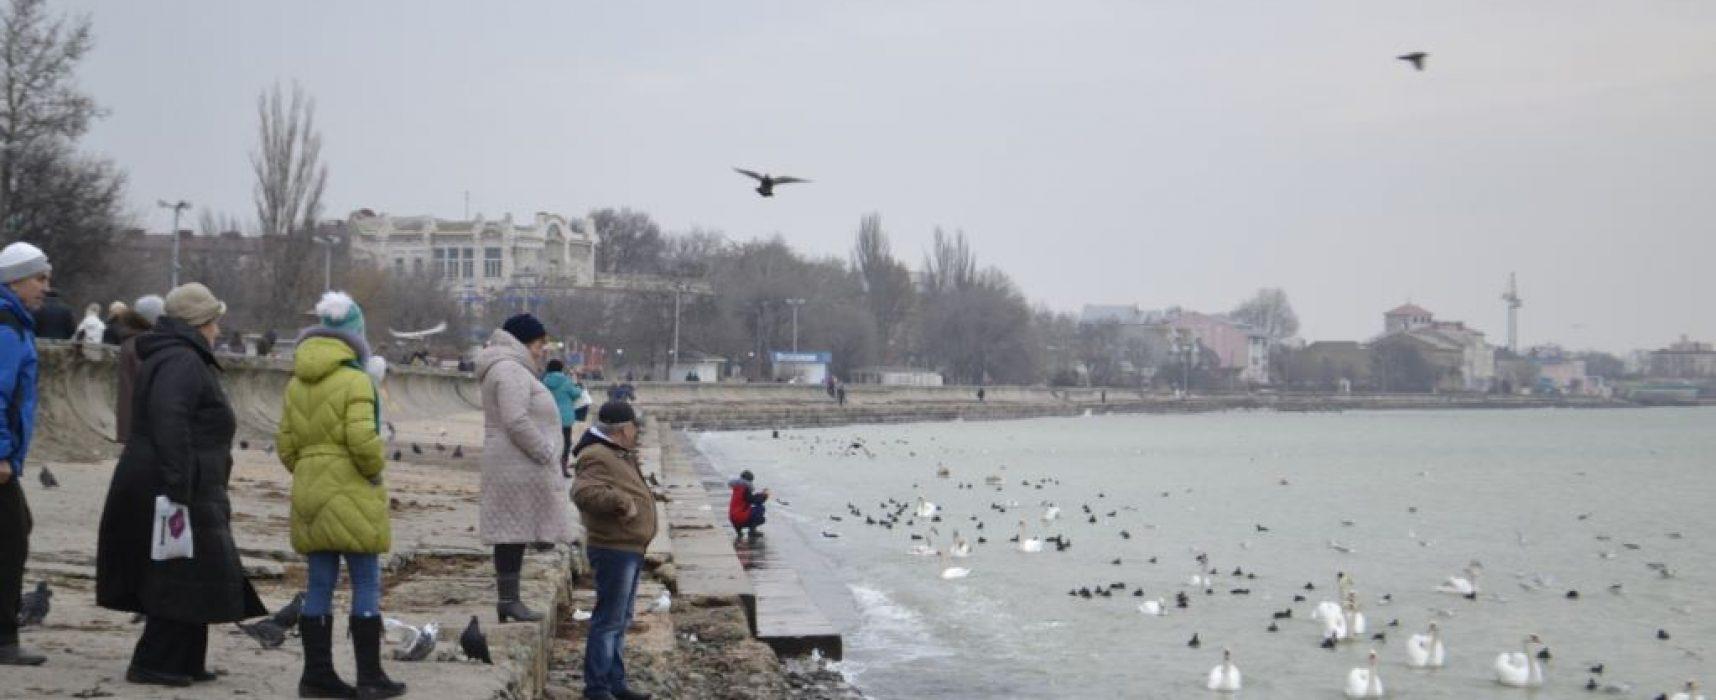 ВЦИОМ утверждает, что почти 90% крымчан довольны жизнью